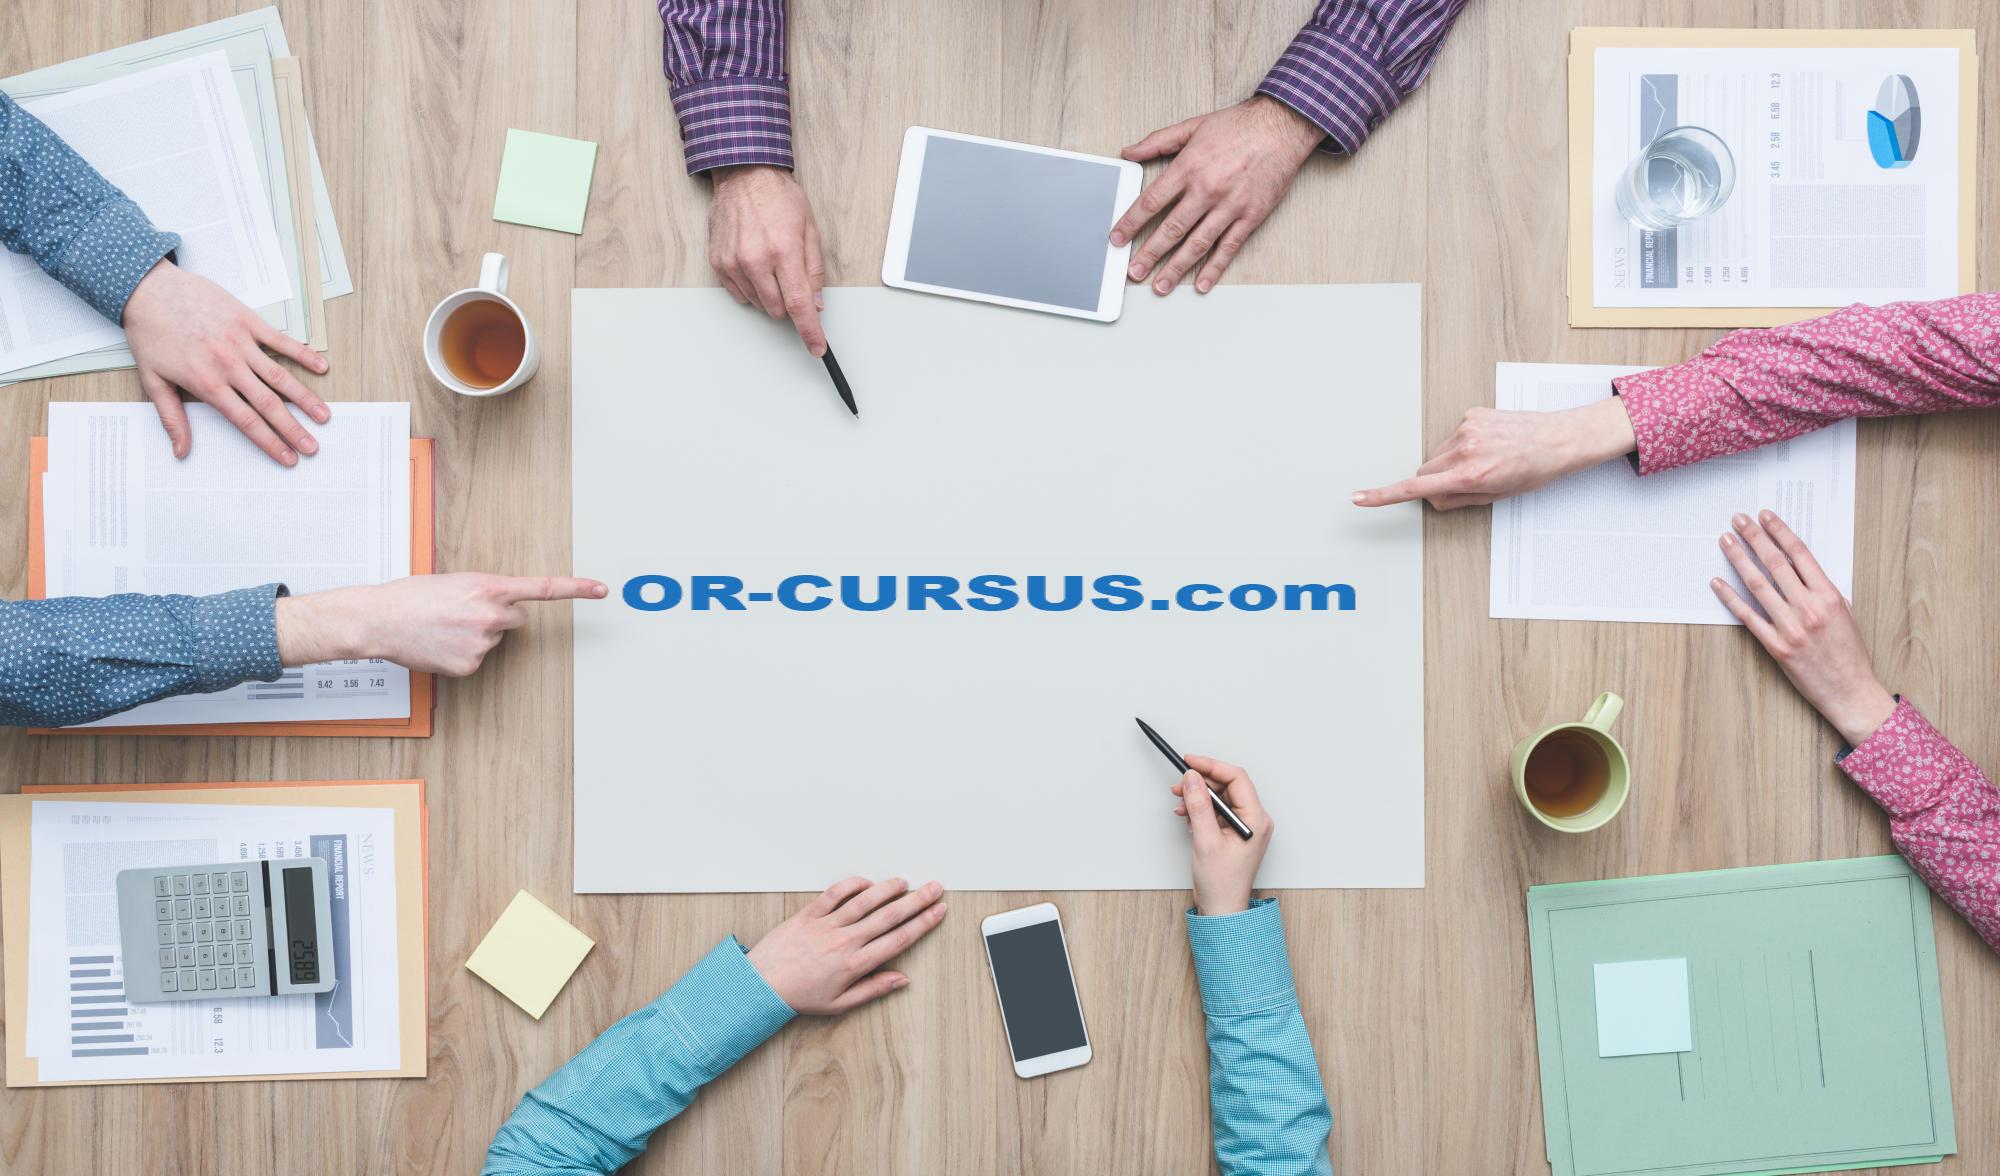 OR Cursus